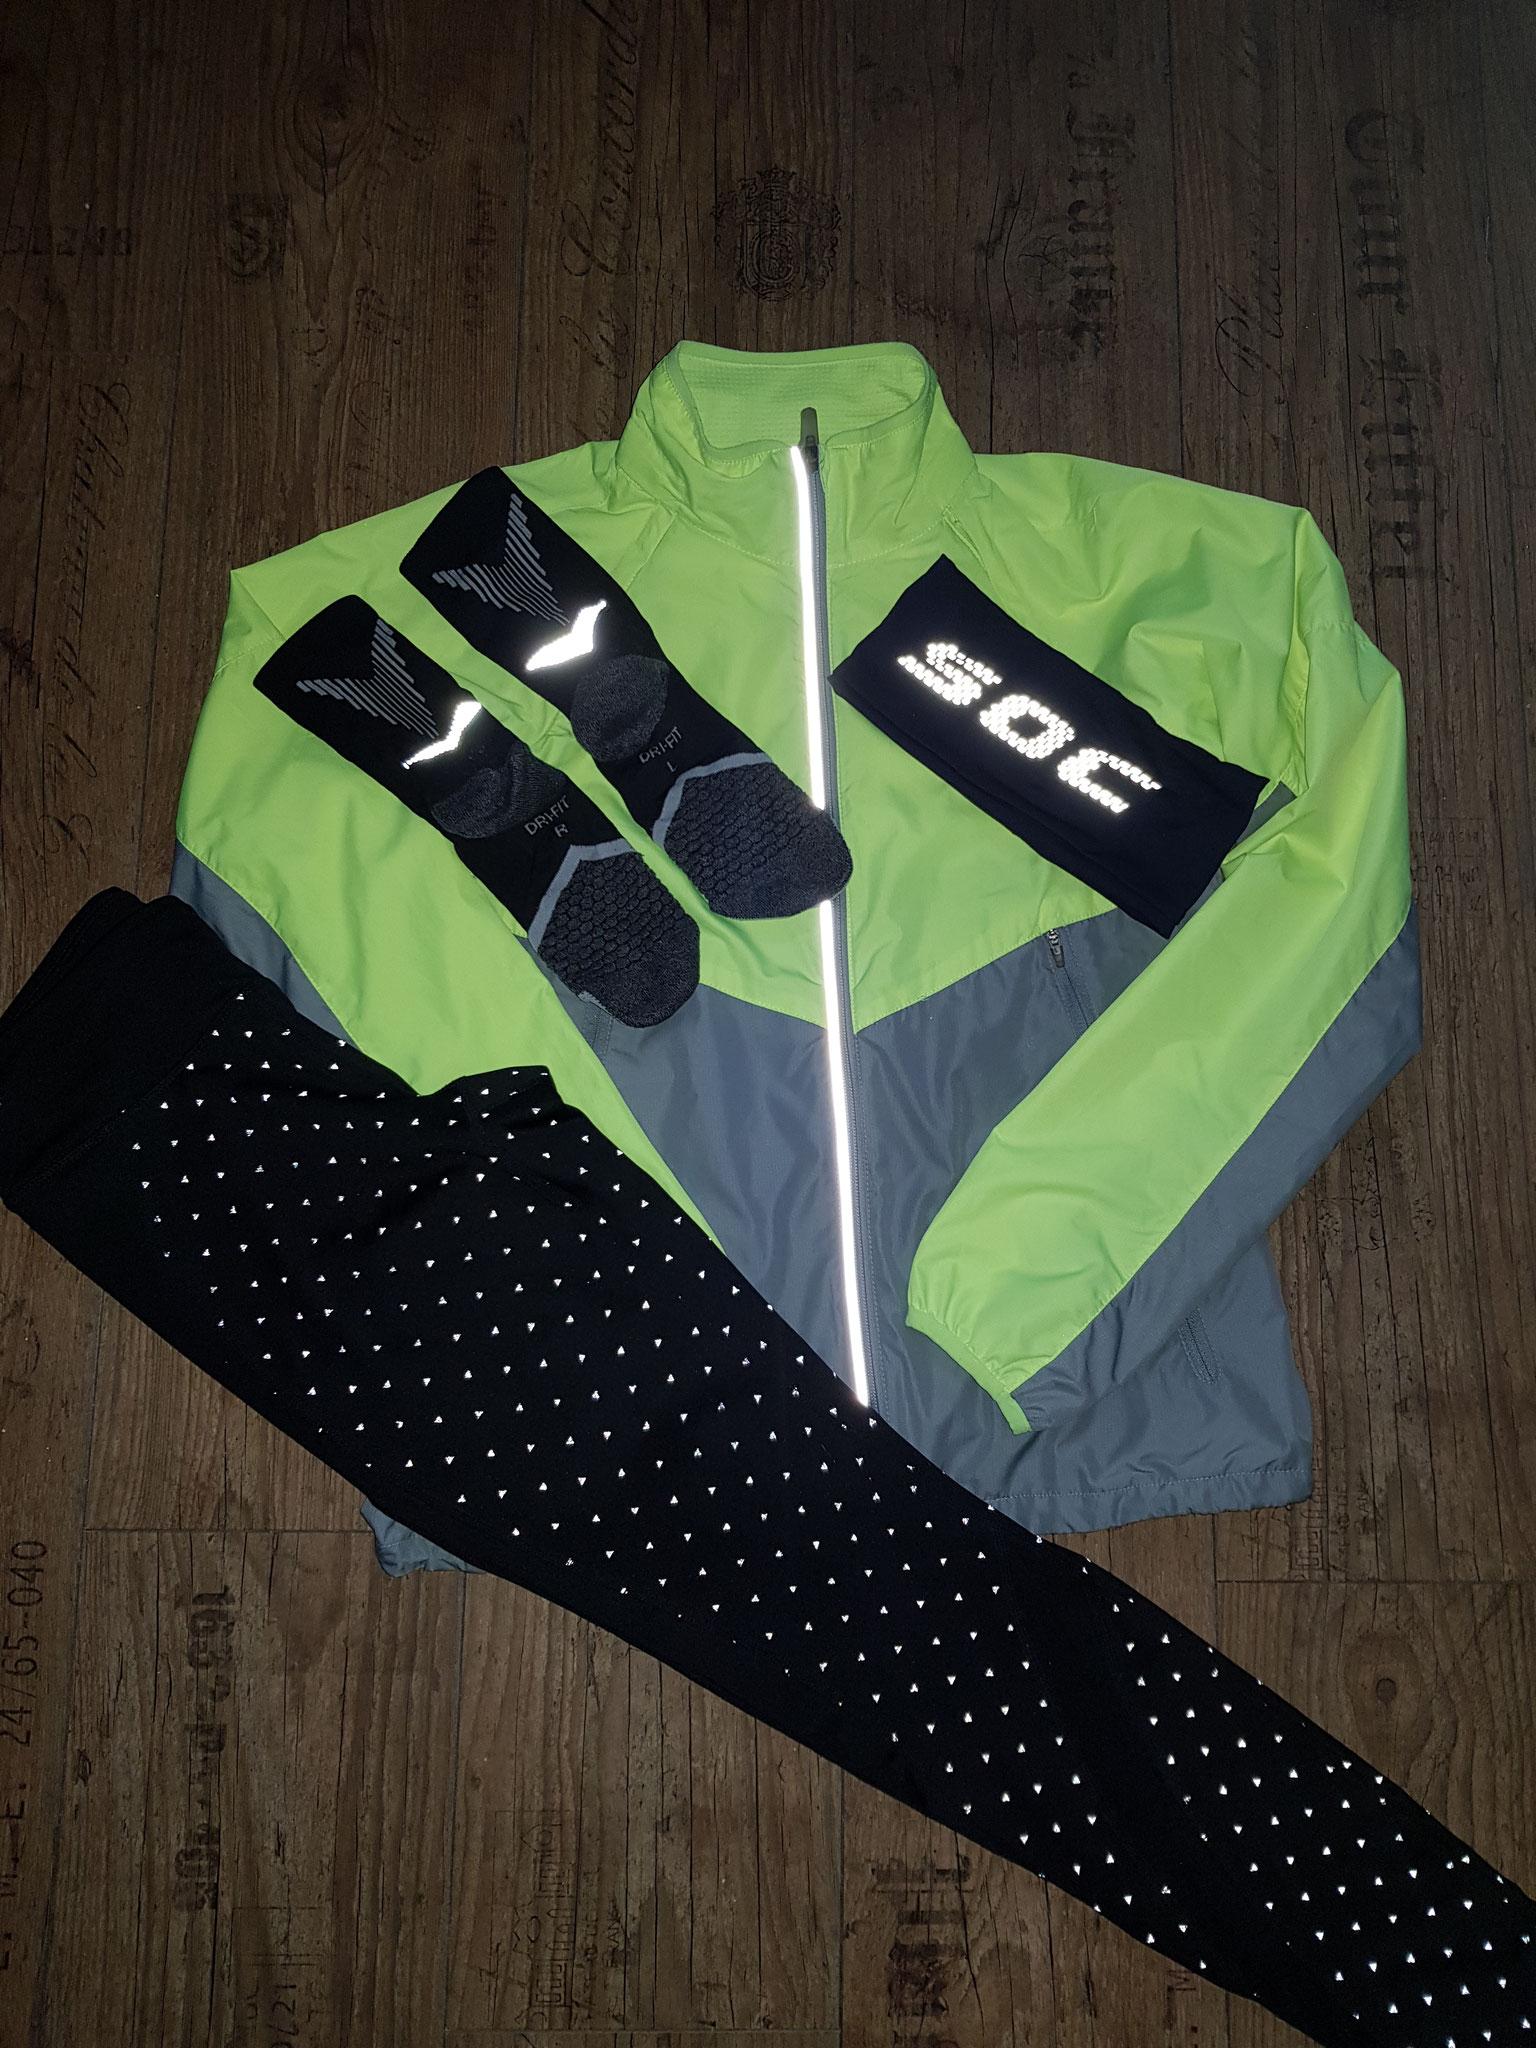 Mit Blitz - Socken und Jacke von Nike - Hose von Tchibo - Stirnband von S.O.C